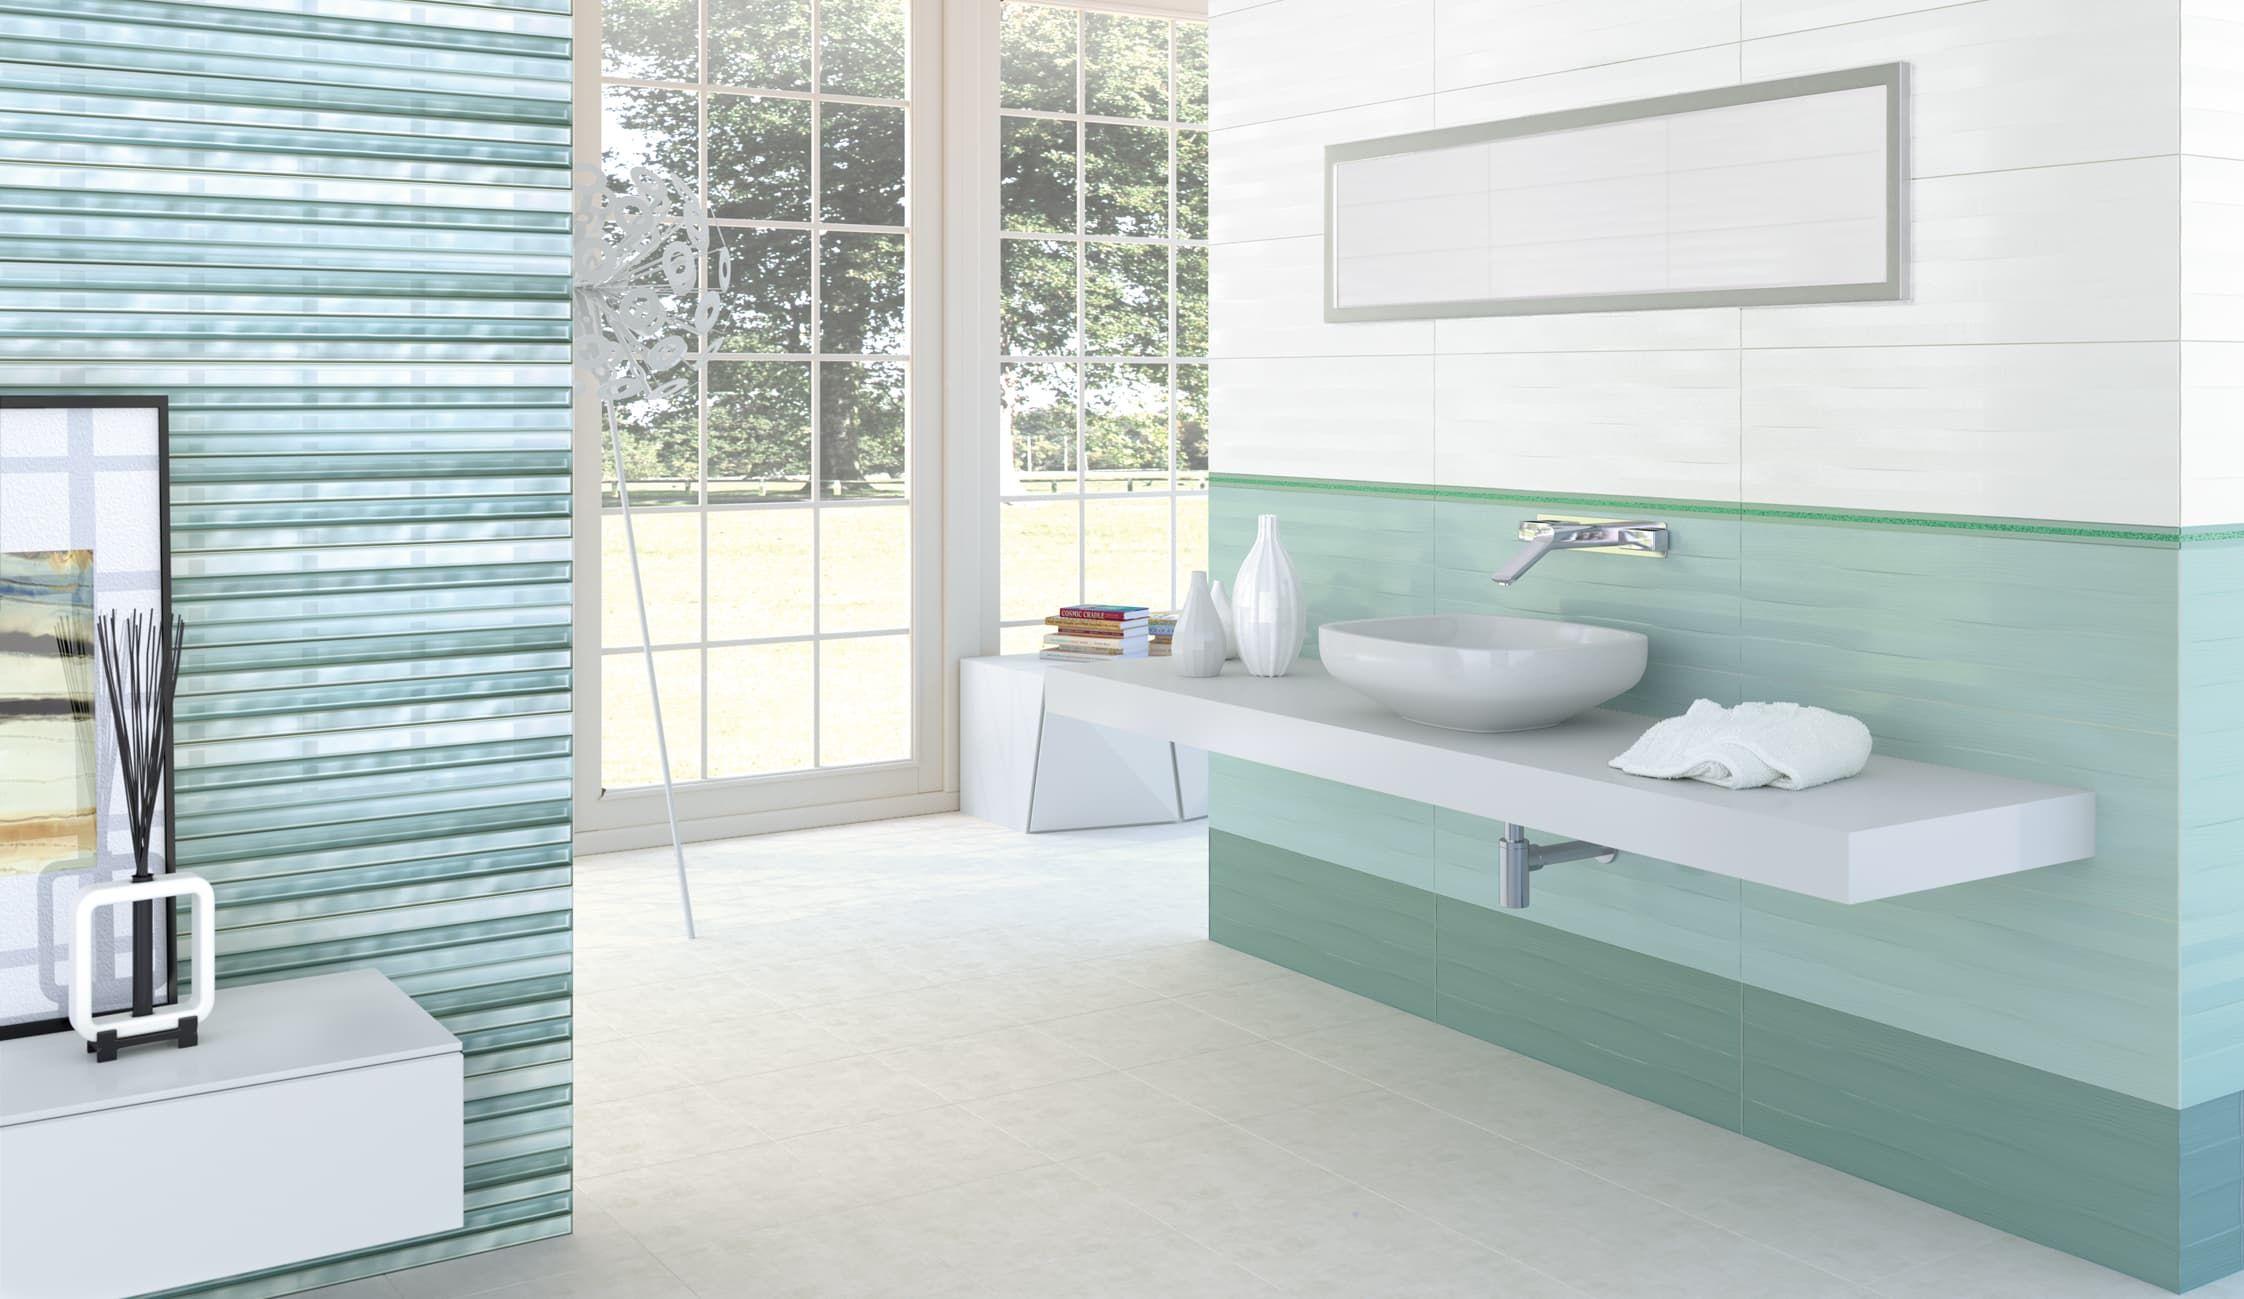 Aqua ceramic tile